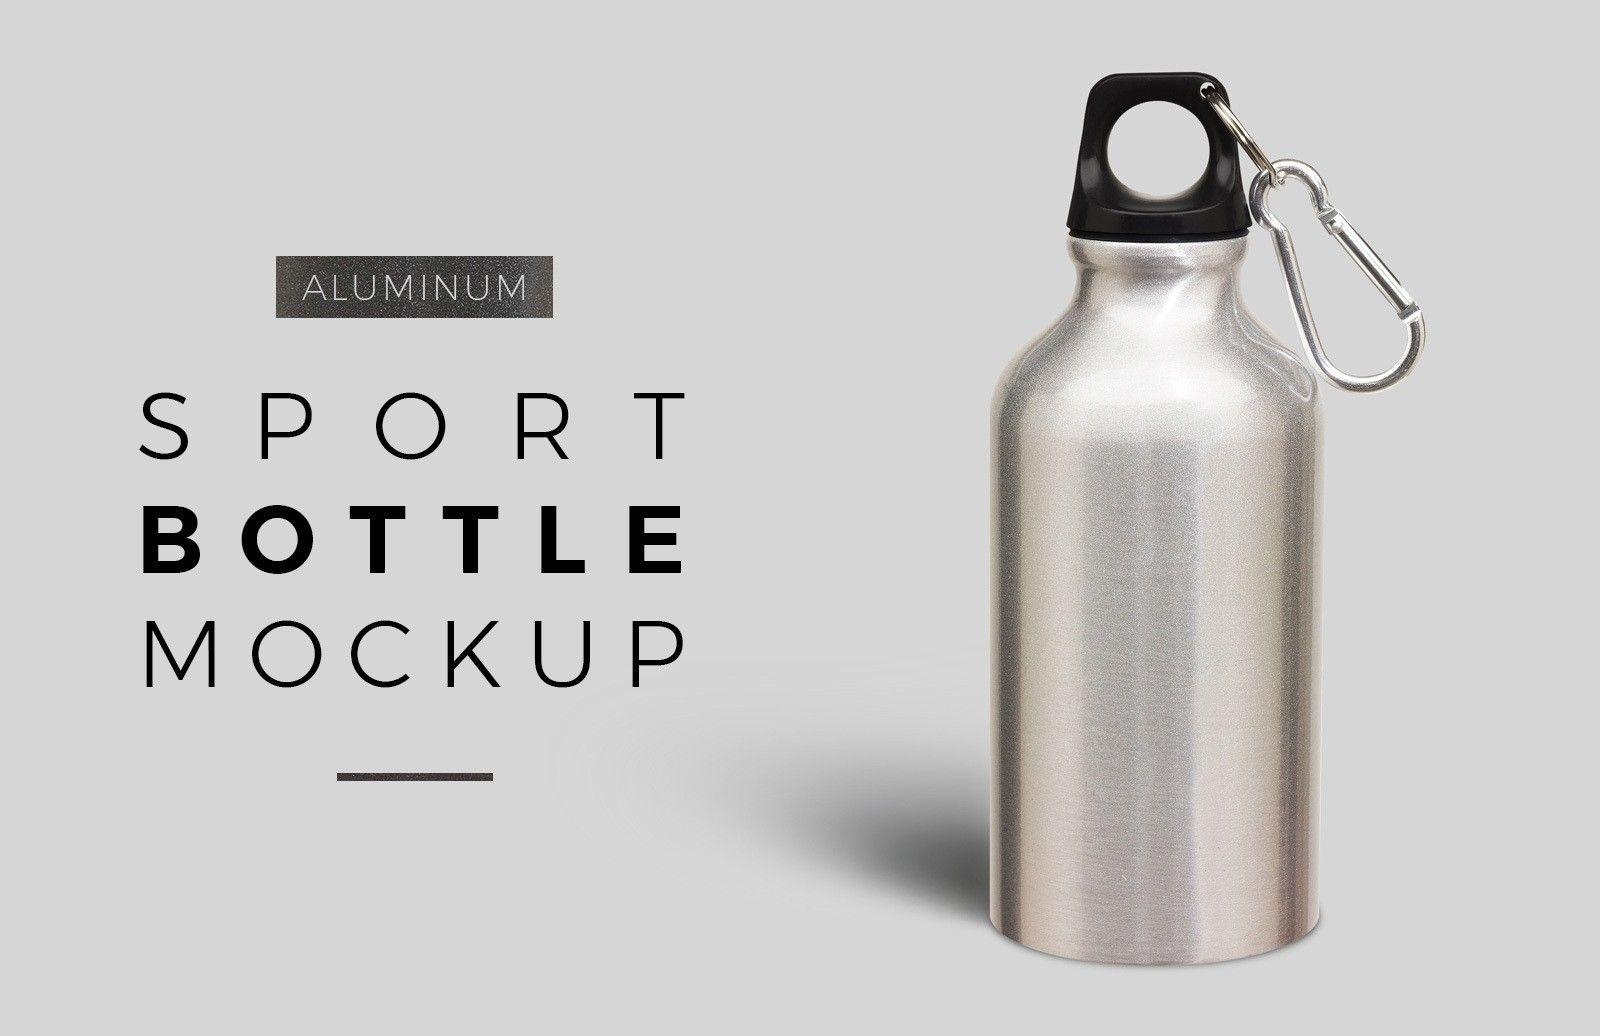 Download Aluminum Sport Bottle Mockup Bottle Mockup Sport Bottle Bottle